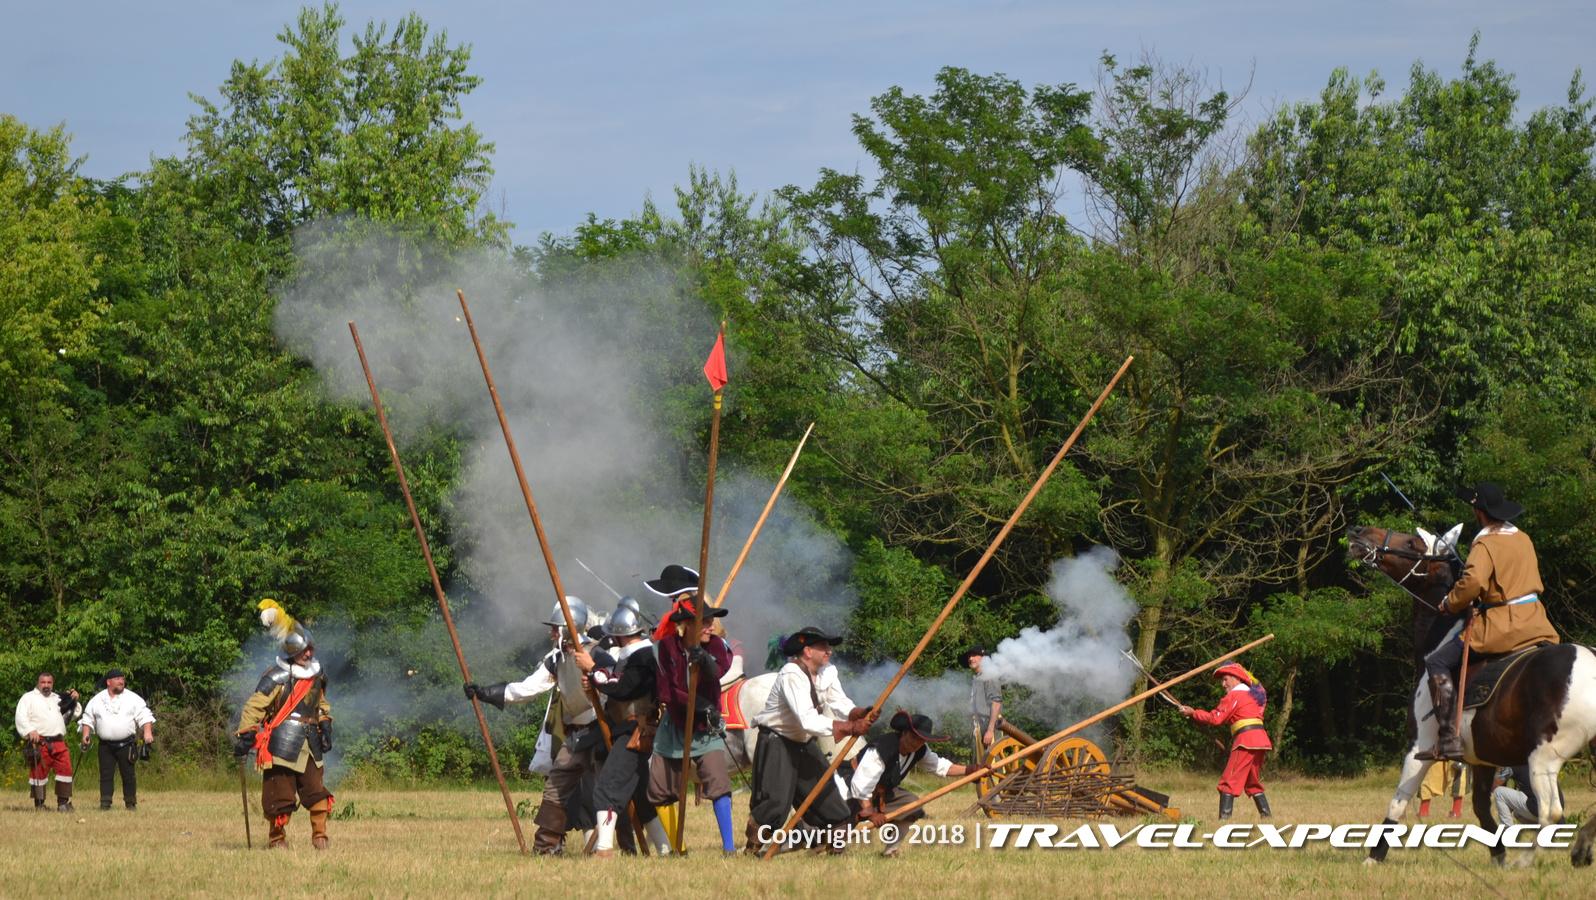 Foto battaglia di Tornavento: gruppo di picchieri